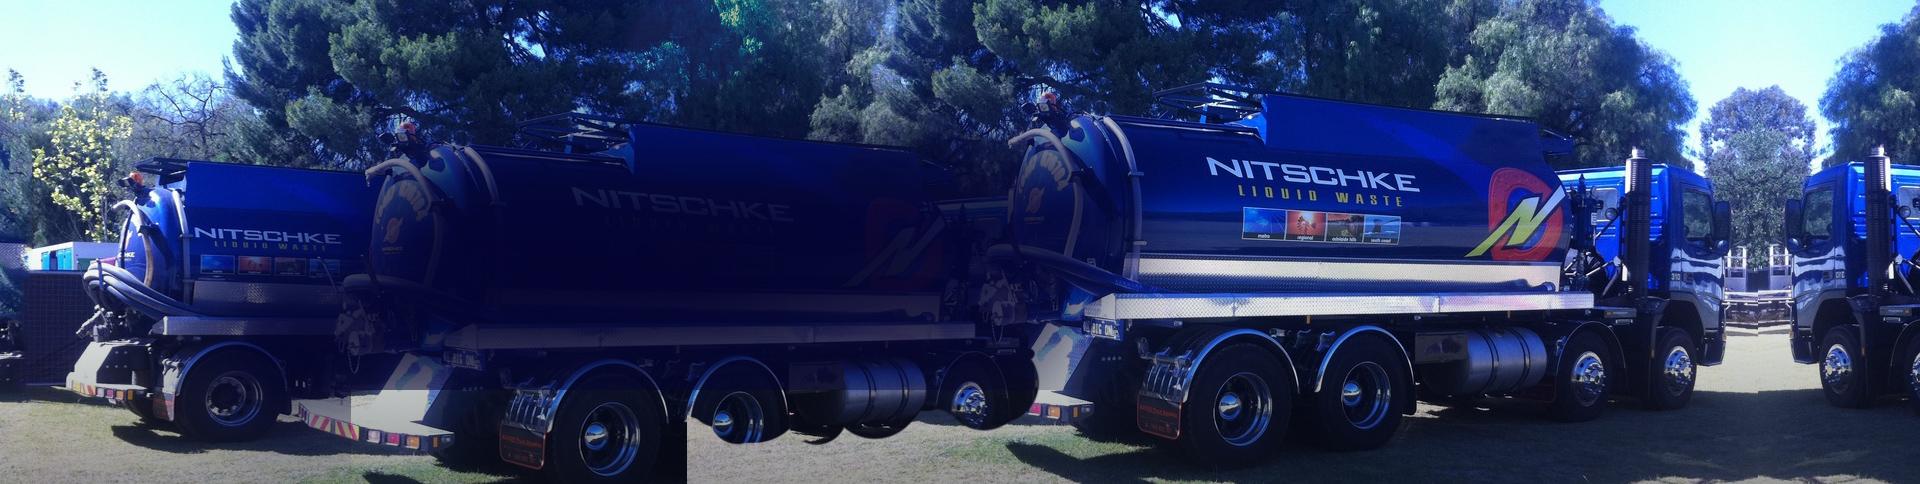 Liquid Waste Disposal Adelaide - Nitschke Liquid Waste